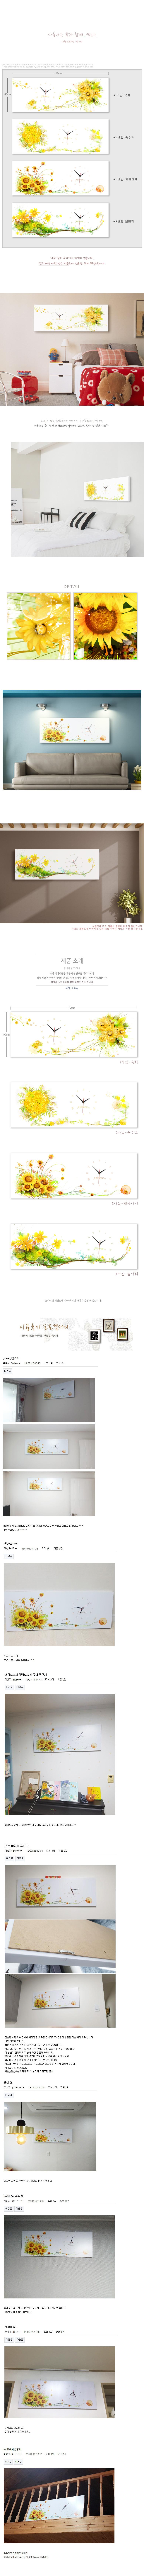 아름다운꽃과함께_옐로우_대형노프레임벽시계 - 꾸밈, 69,650원, 벽시계, 디자인벽시계